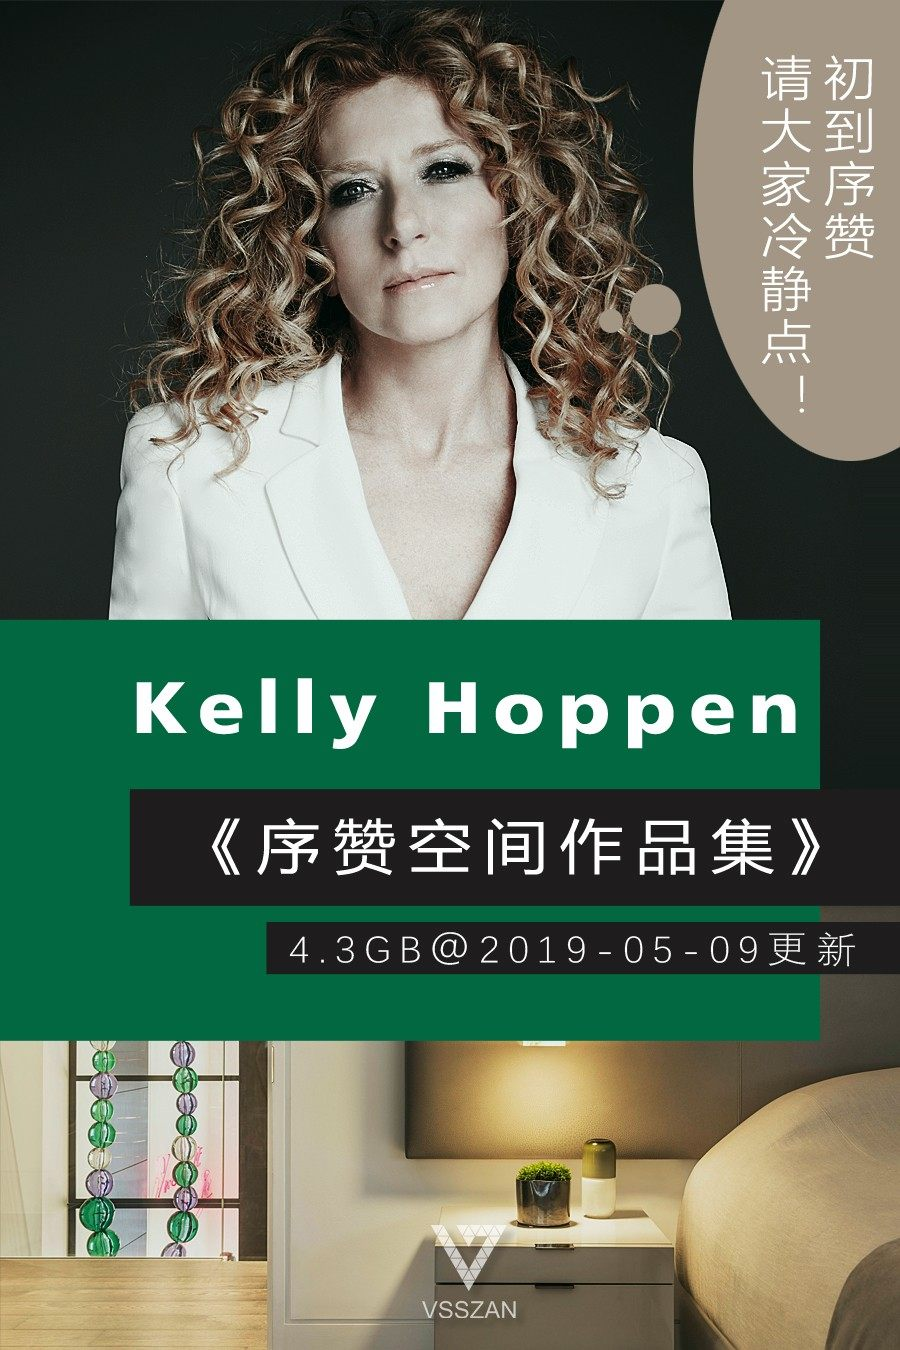 《序赞Kelly Hoppen作品集》@2019-05-09